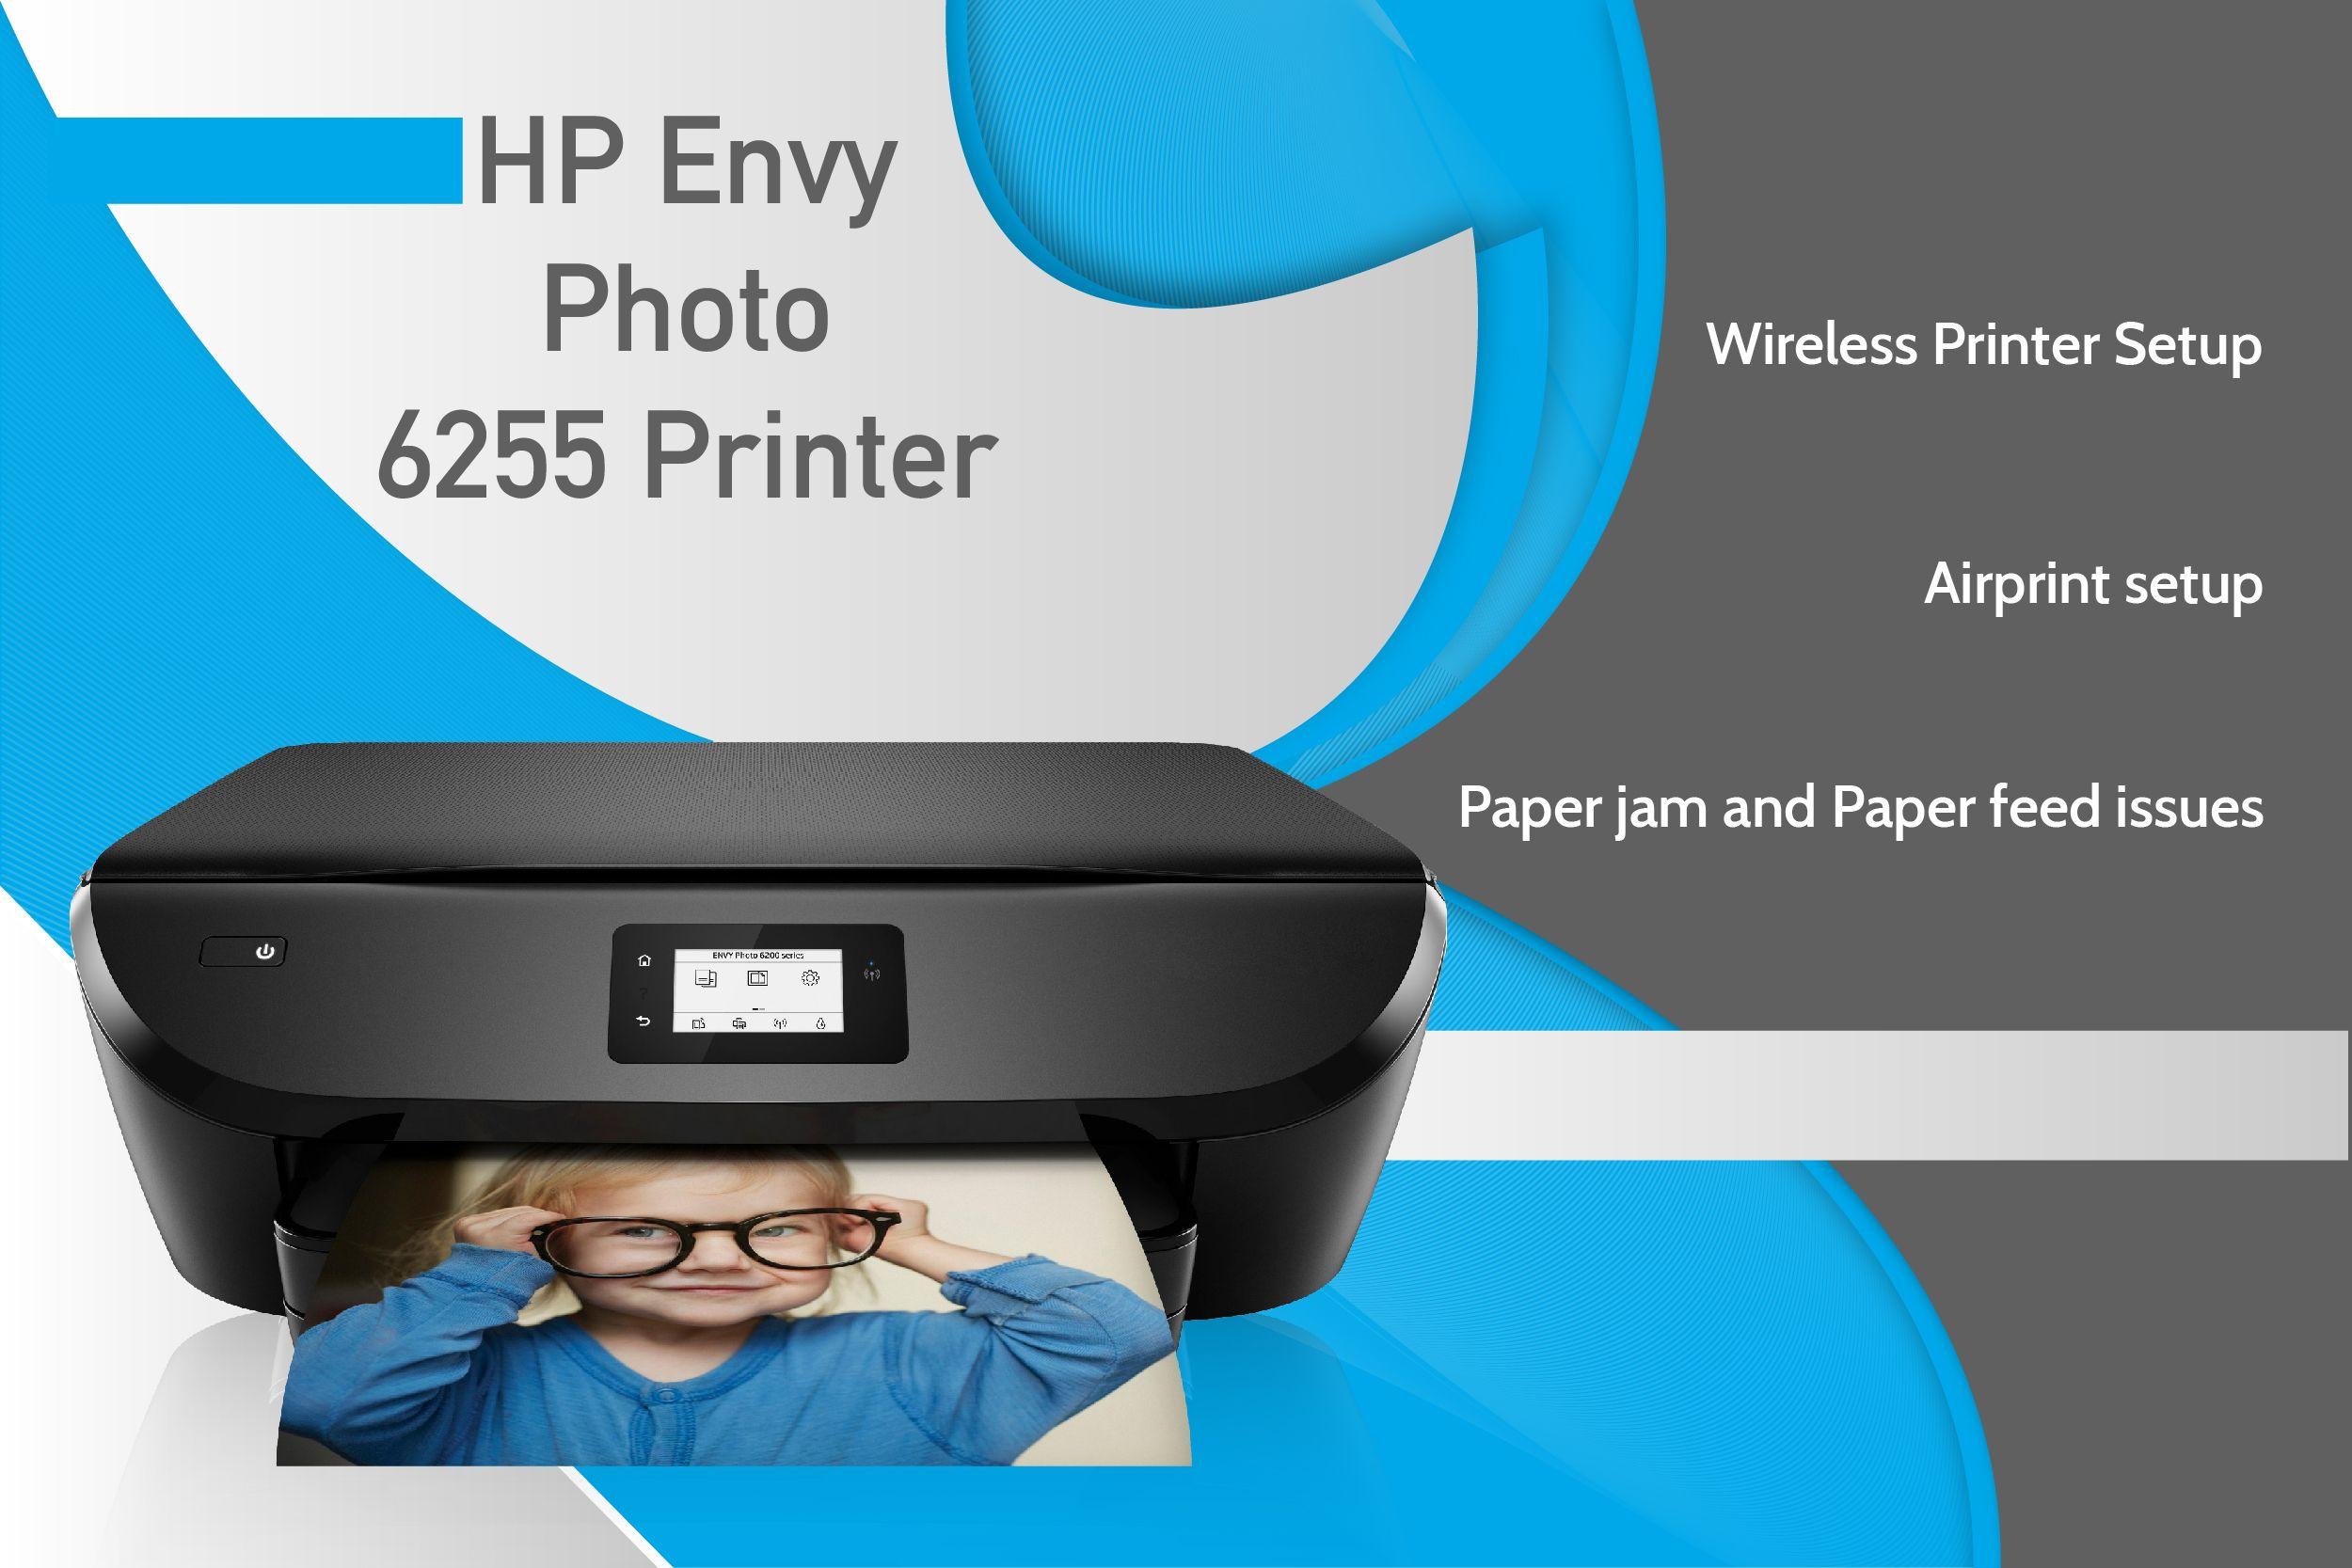 123 Hp Com Hp Printer 123 Hp Com Setup Download Free Drivers Wireless Printer Printer Hp Printer